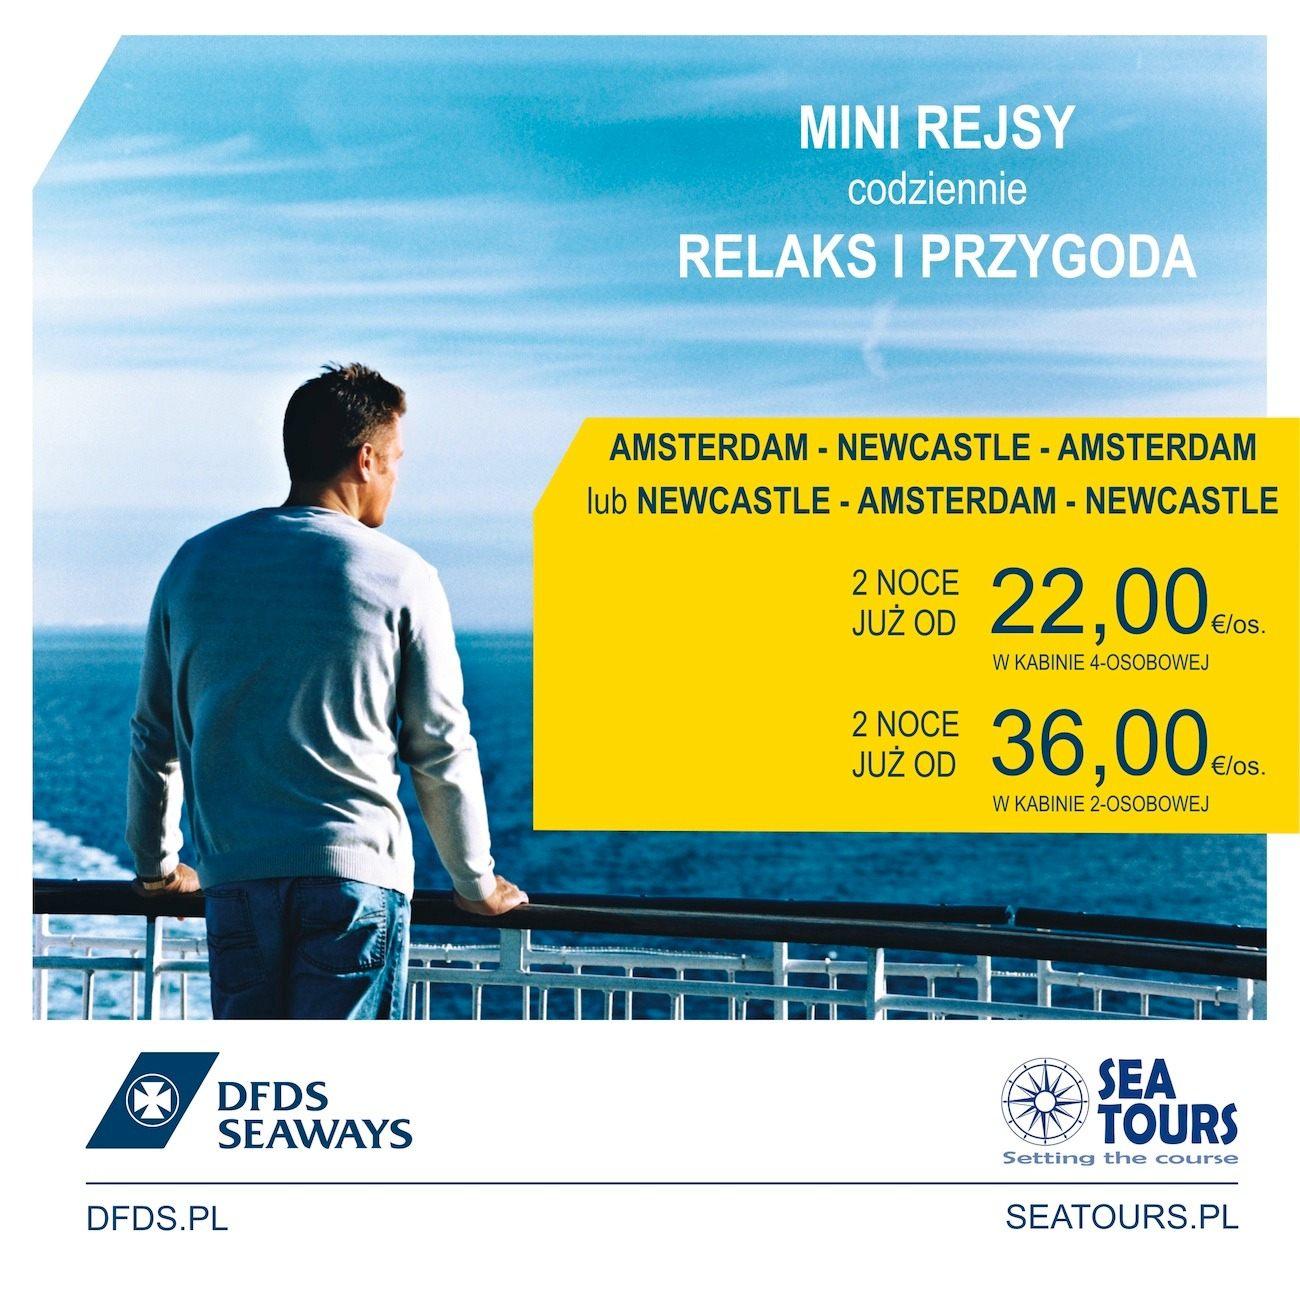 Lit 2 Ans Nouveau Mini Rejsy Twoje Kr³tkie Rejsy Z Dfds Seaways 48 58 306 24 44